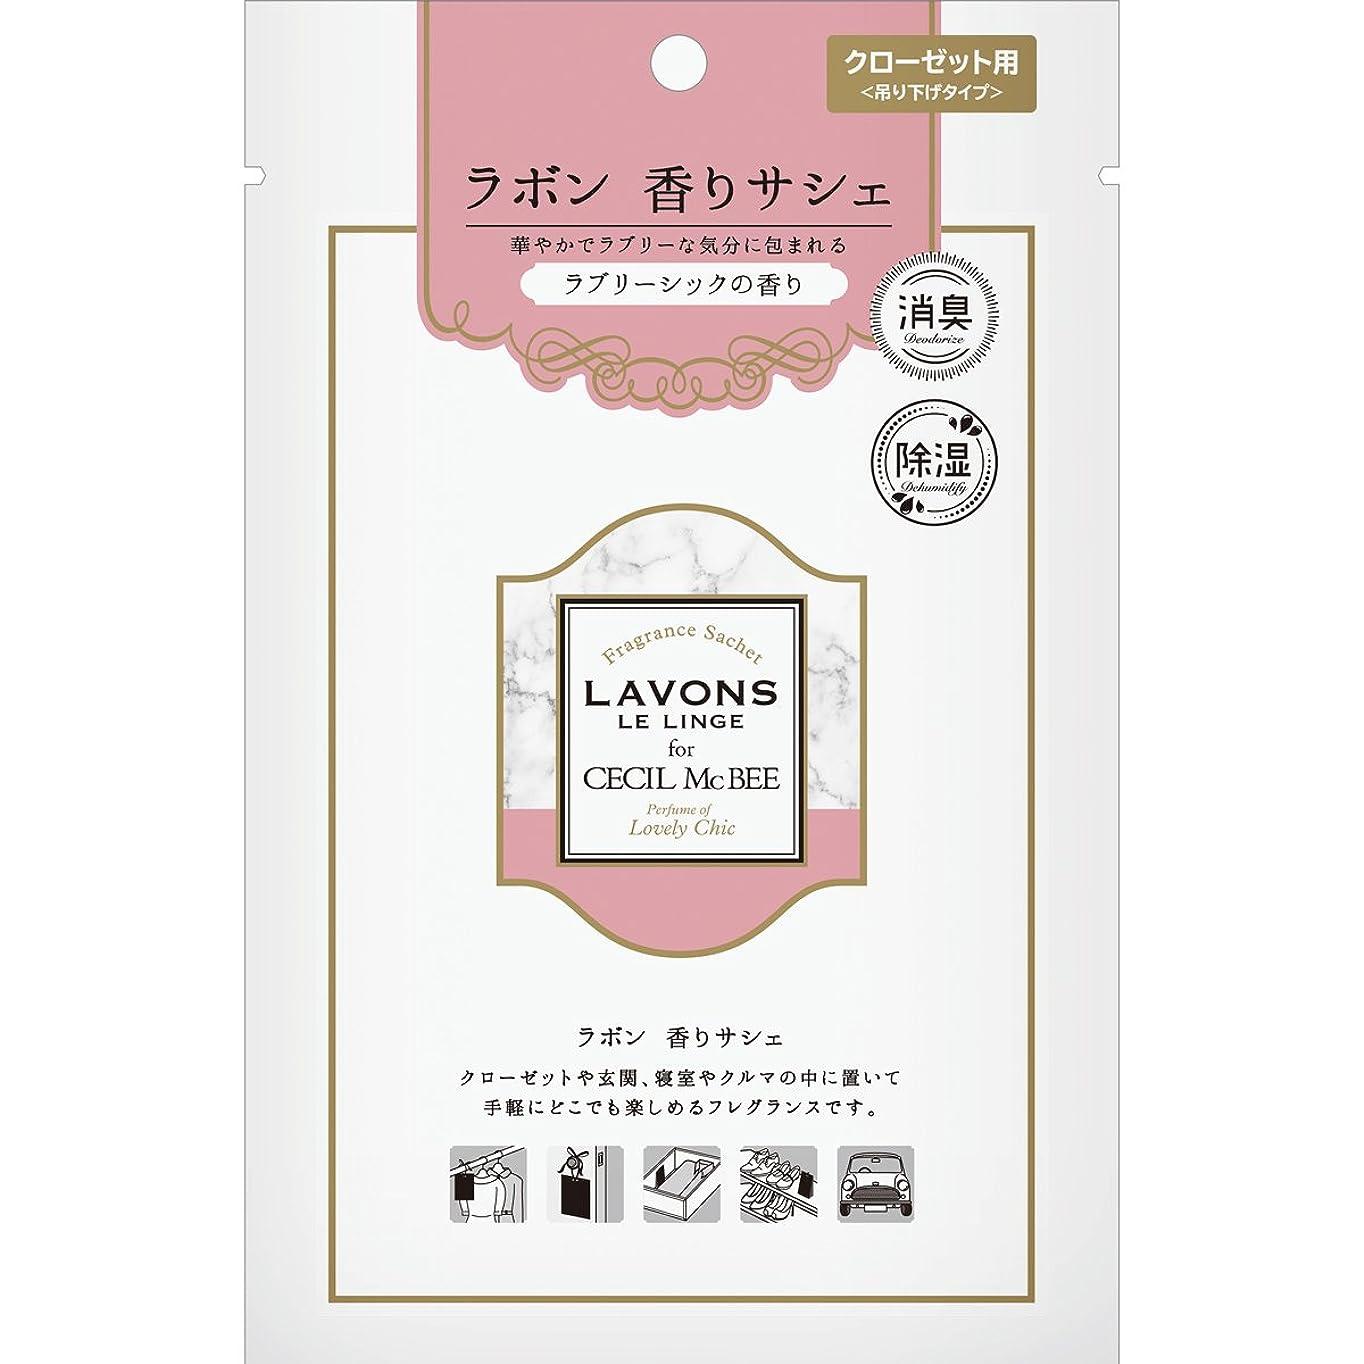 借りる東ティモール悔い改めるラボン for CECIL McBEE 香りサシェ (香り袋) ラブリーシックの香り 20g